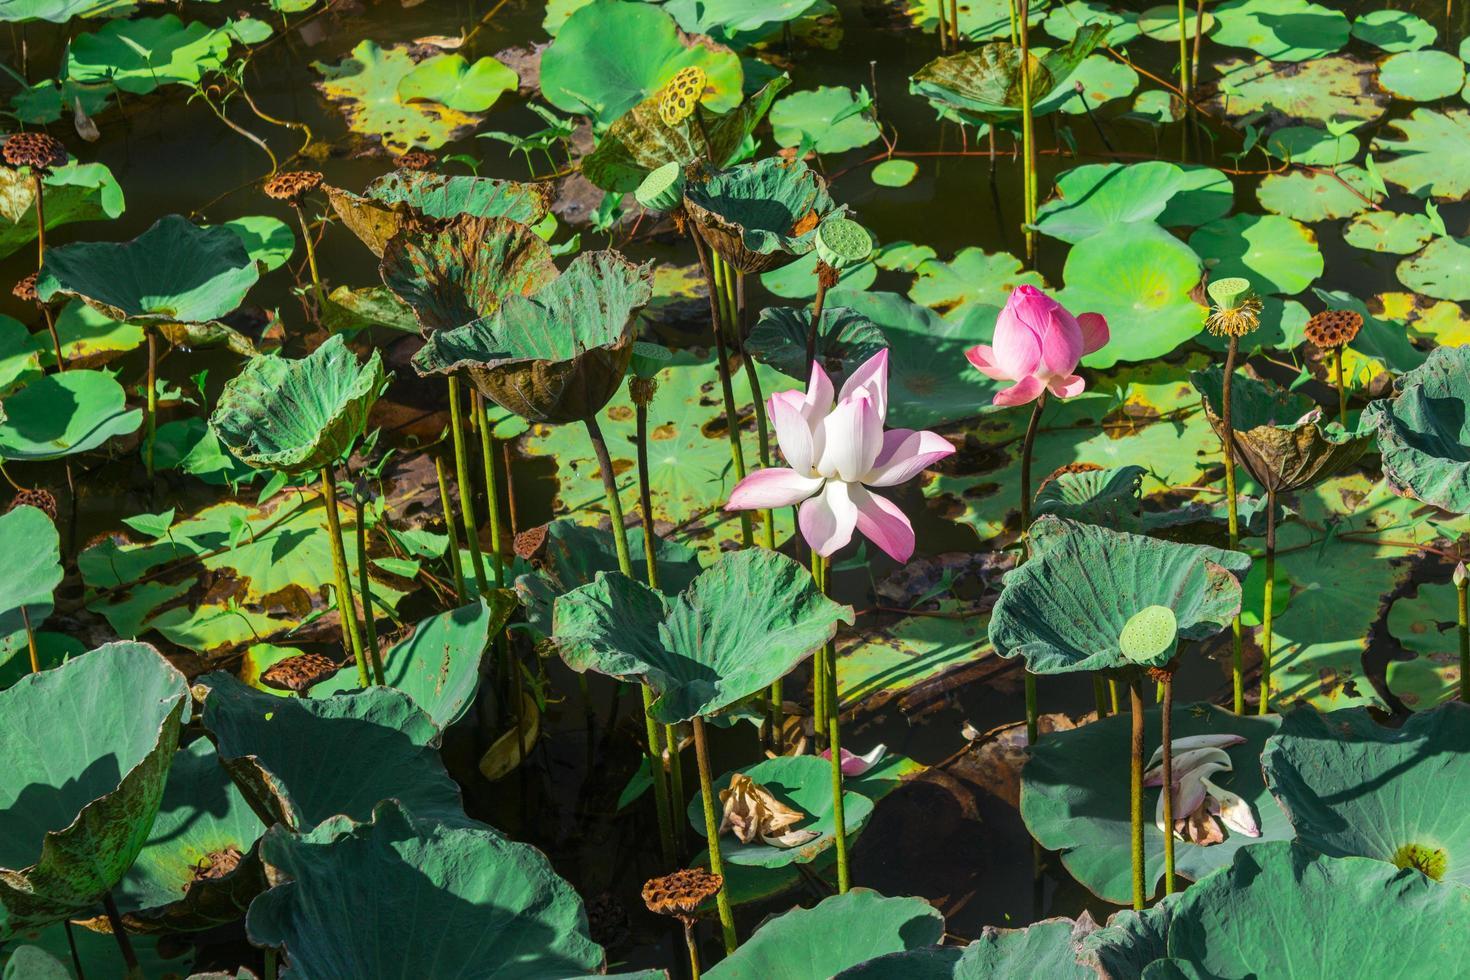 Lotusteich während des Tages foto